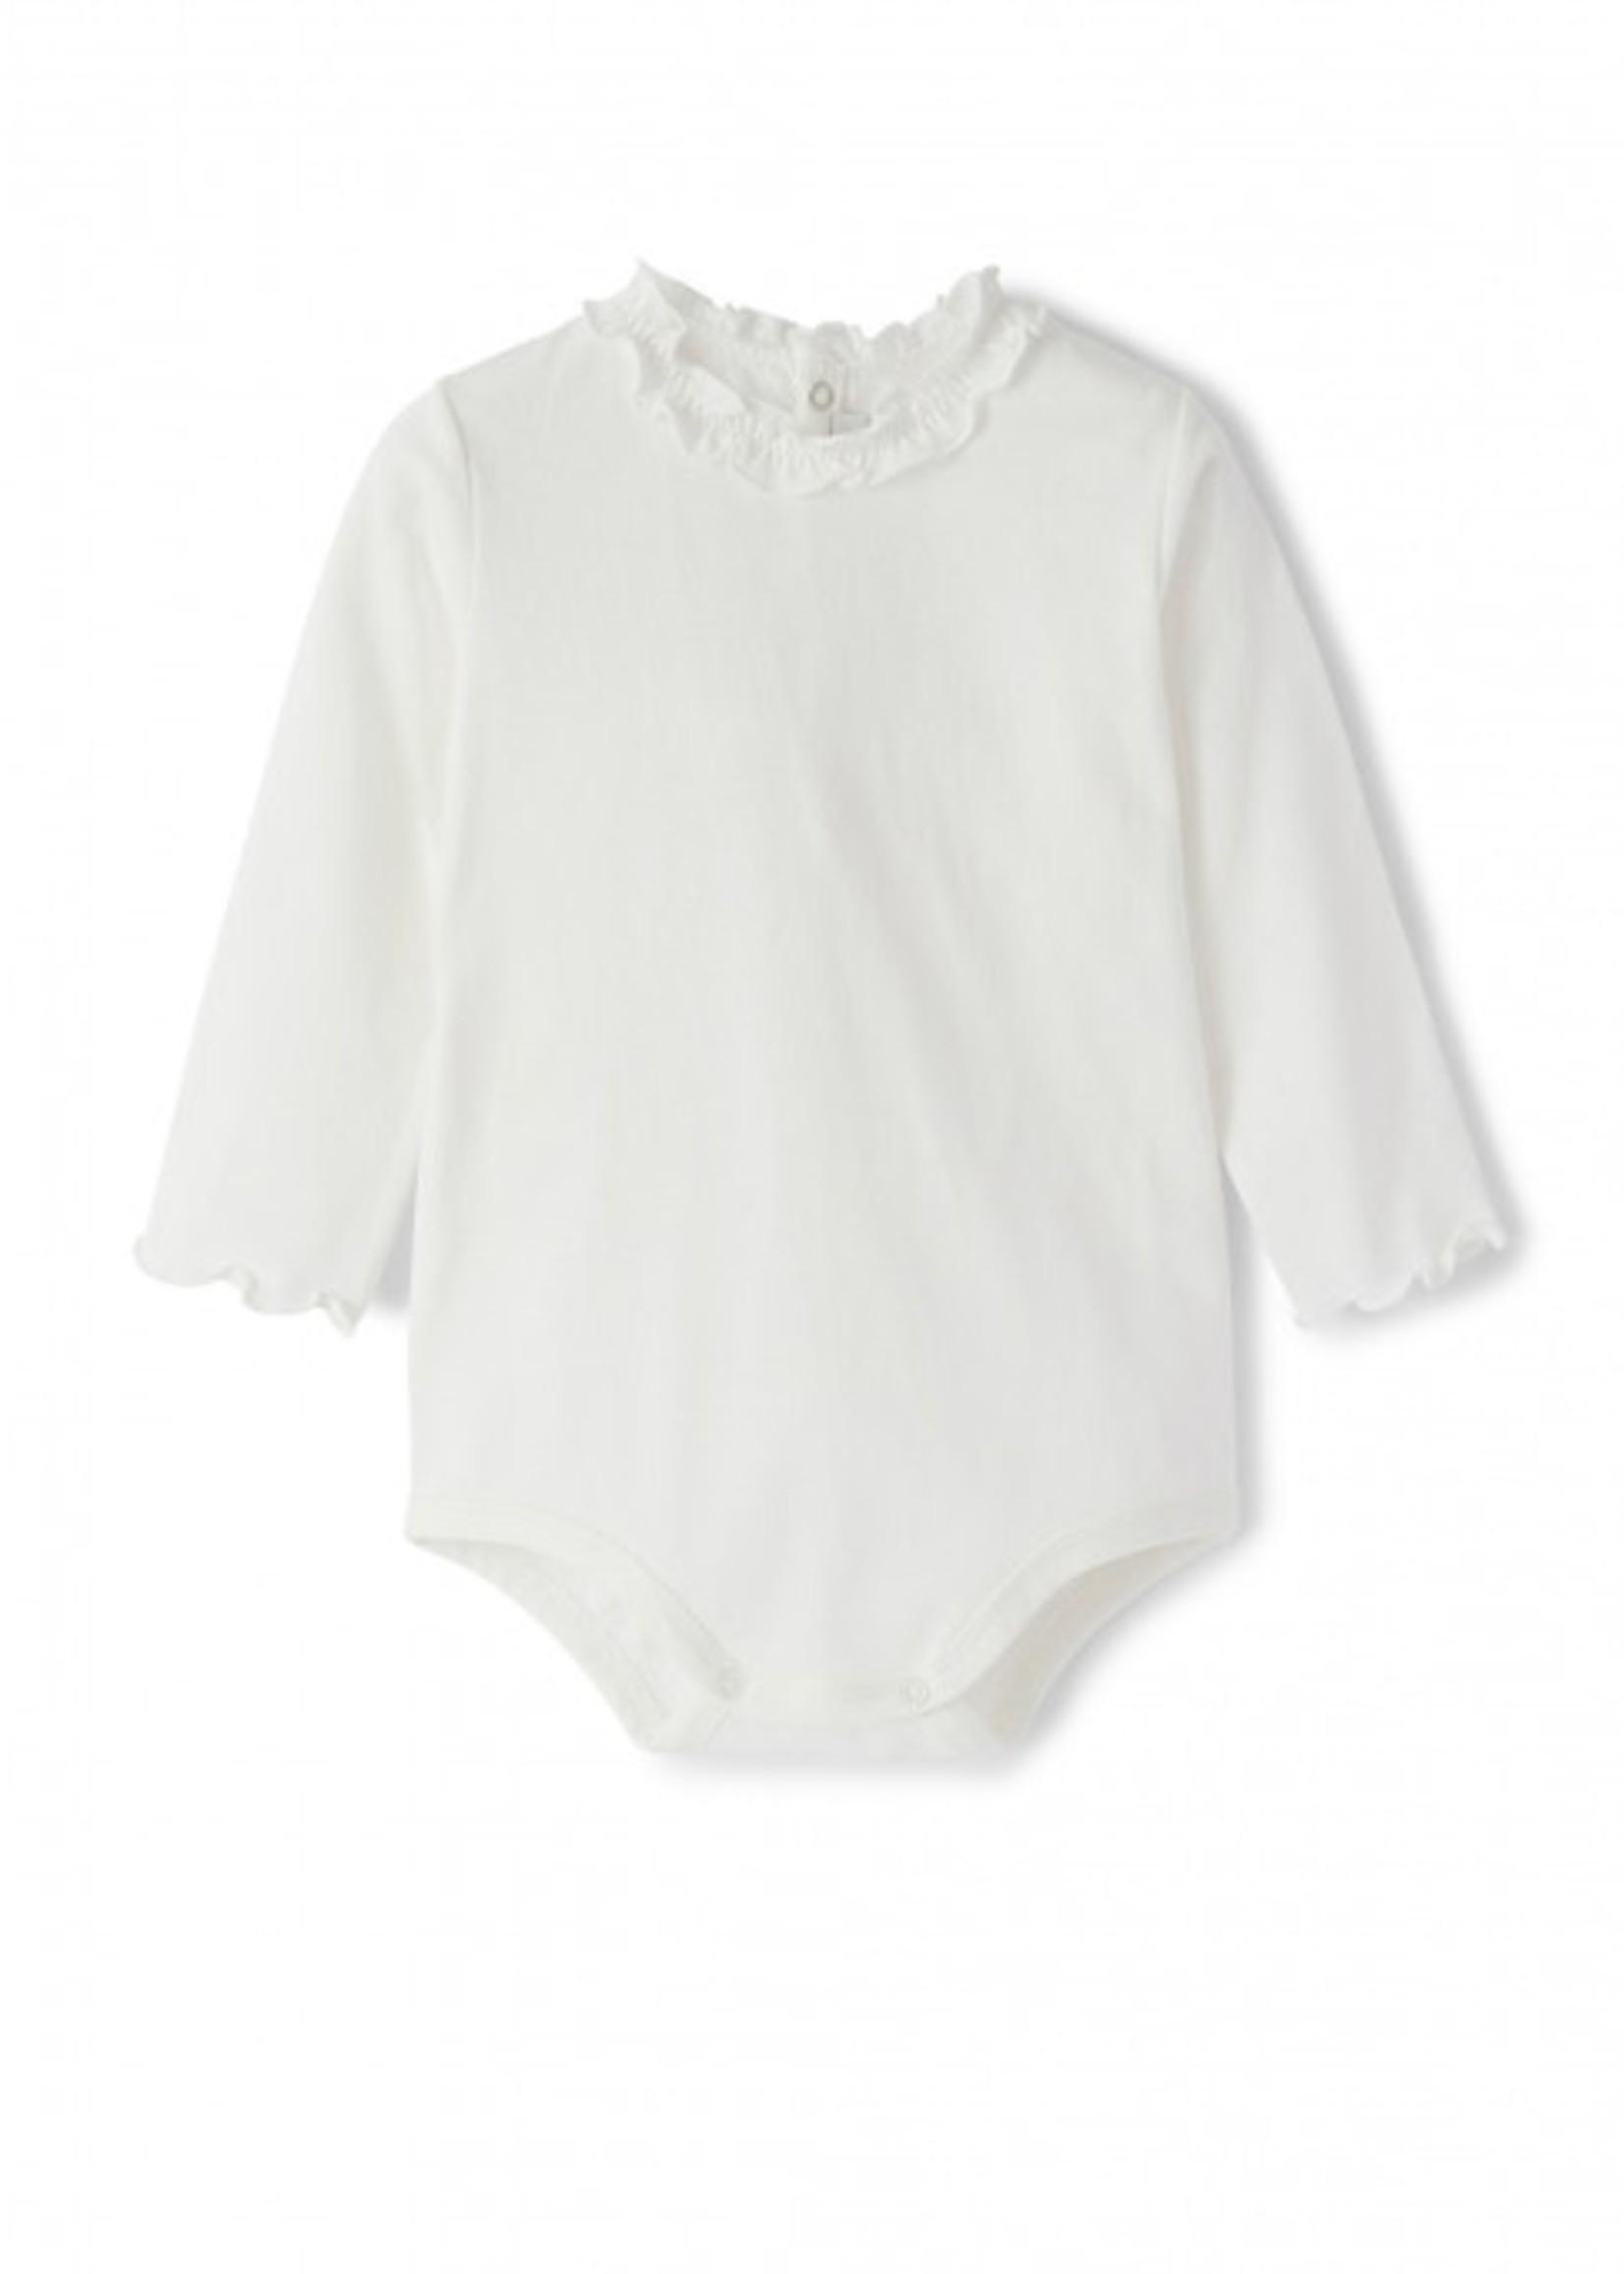 Il Gufo Il Gufo-AW21 Girls onesie truffle trim A21 MB044